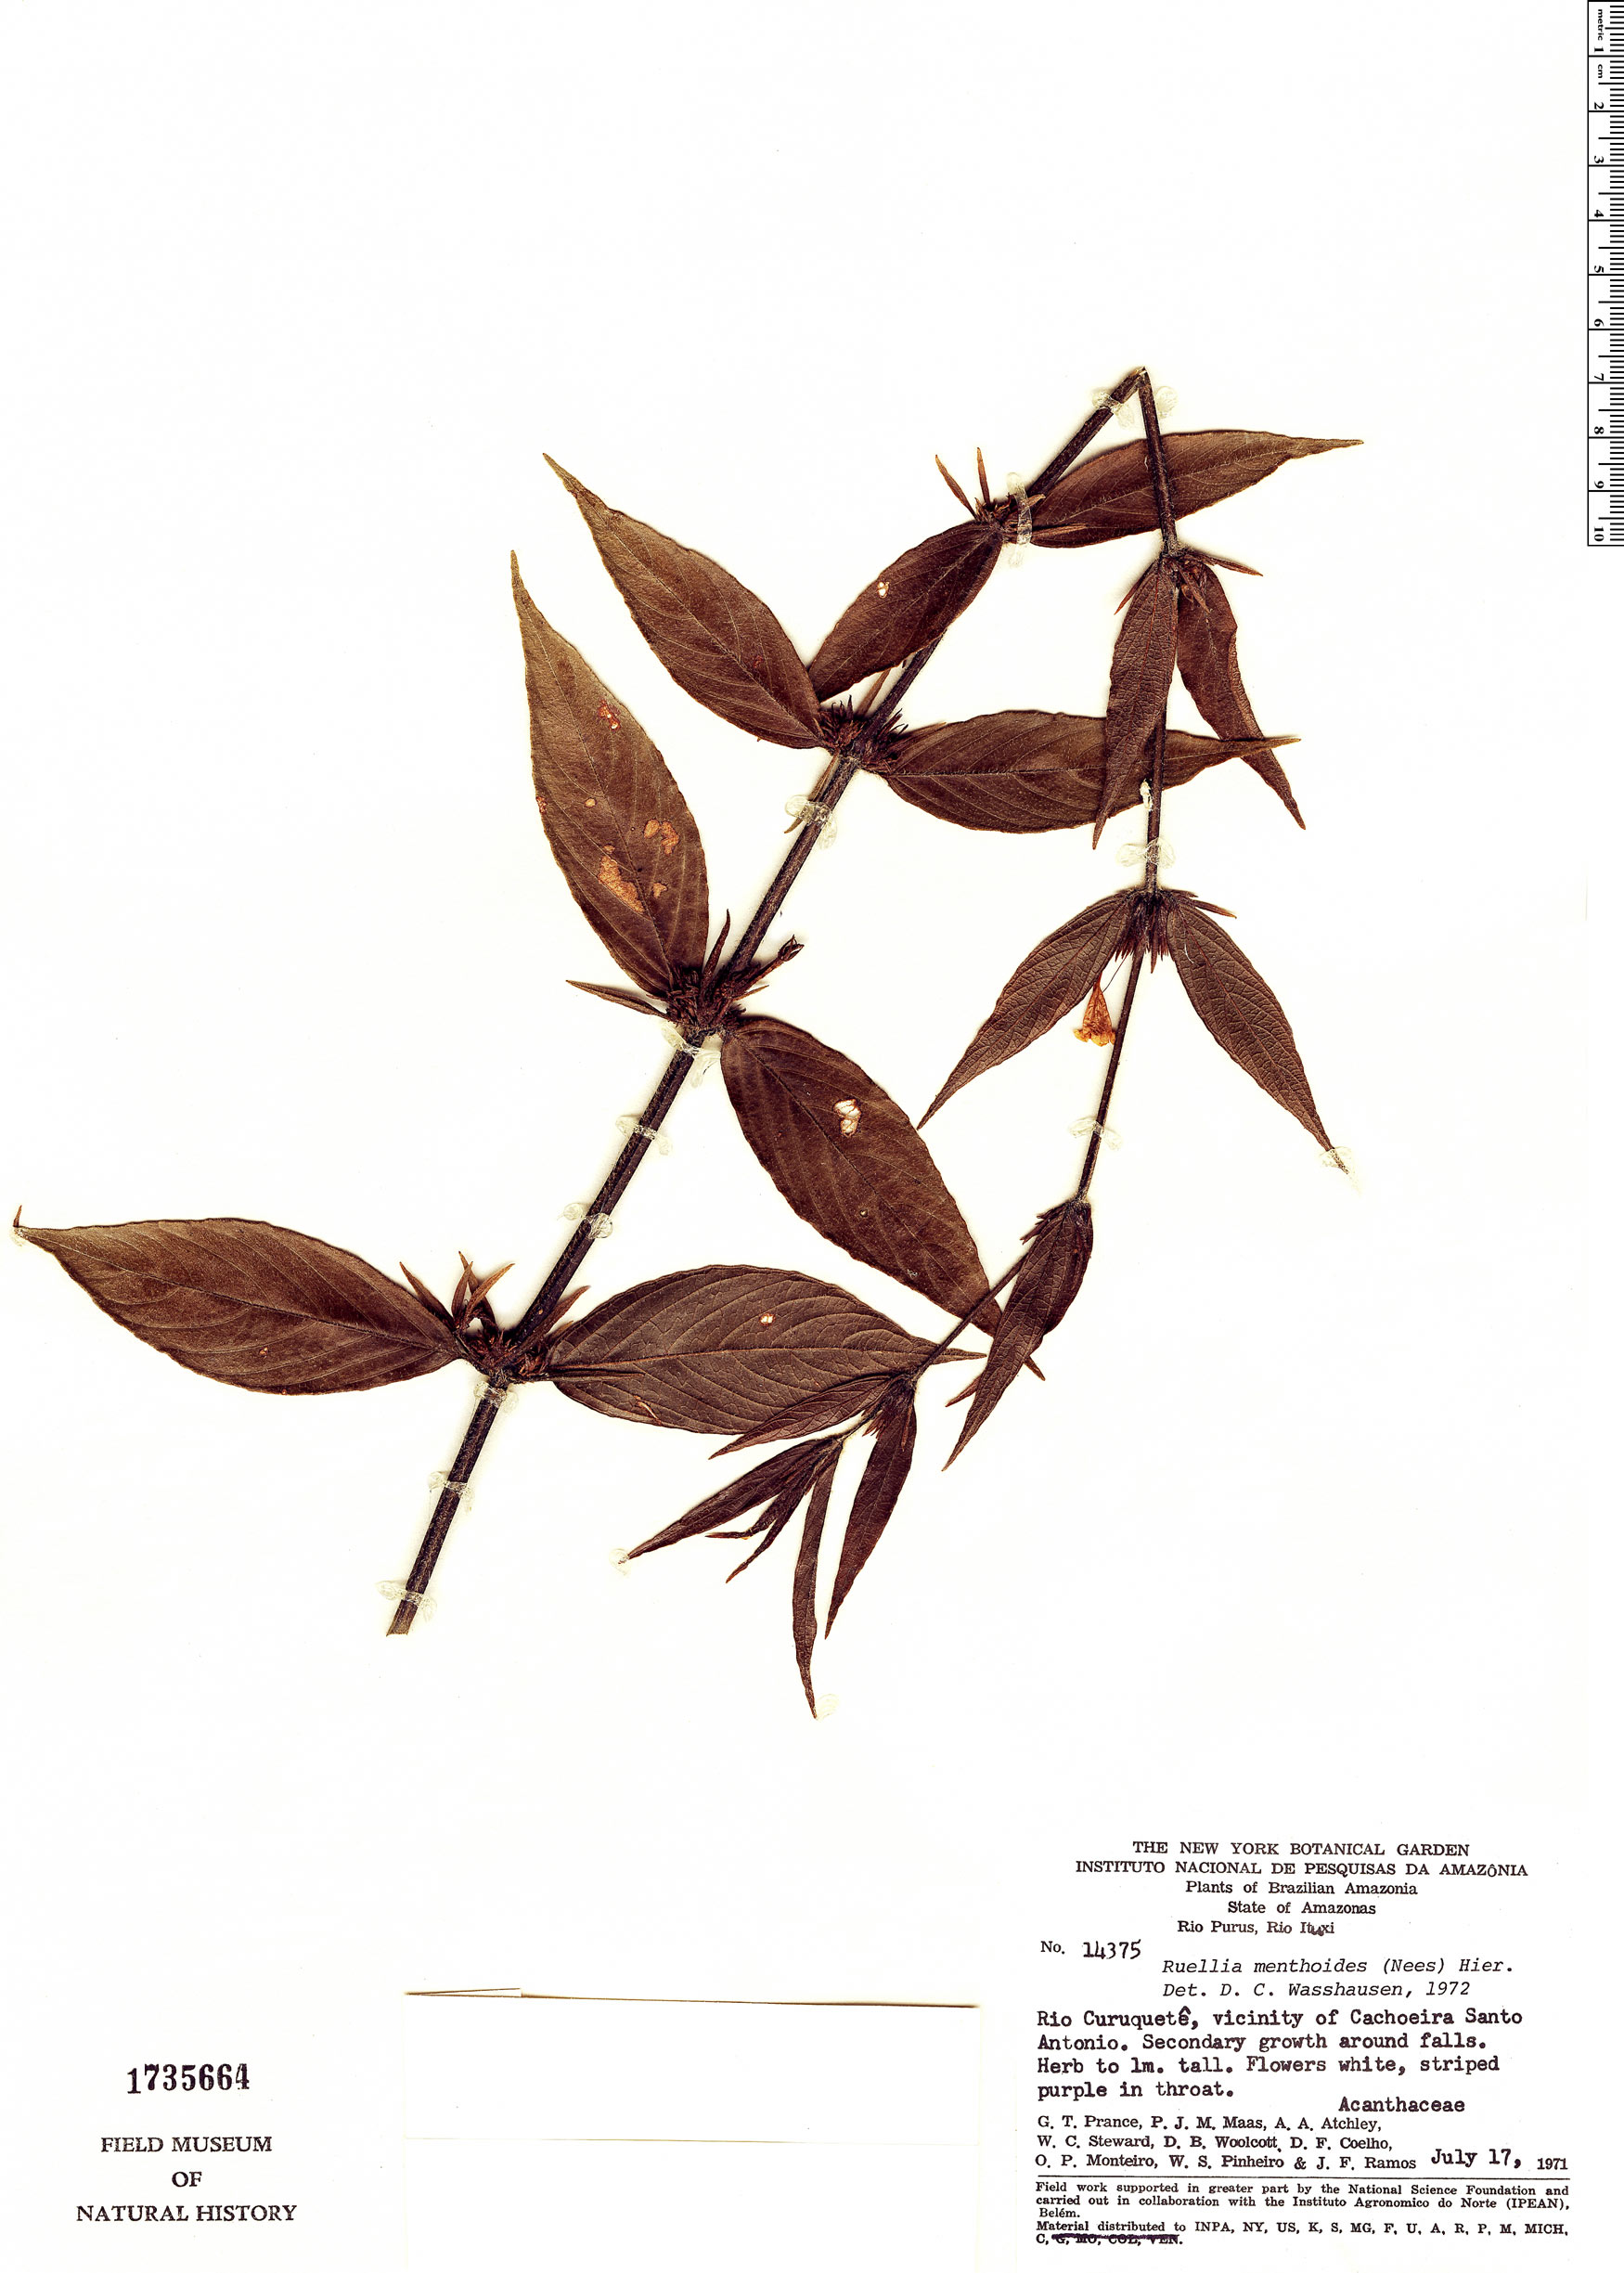 Specimen: Ruellia menthoides